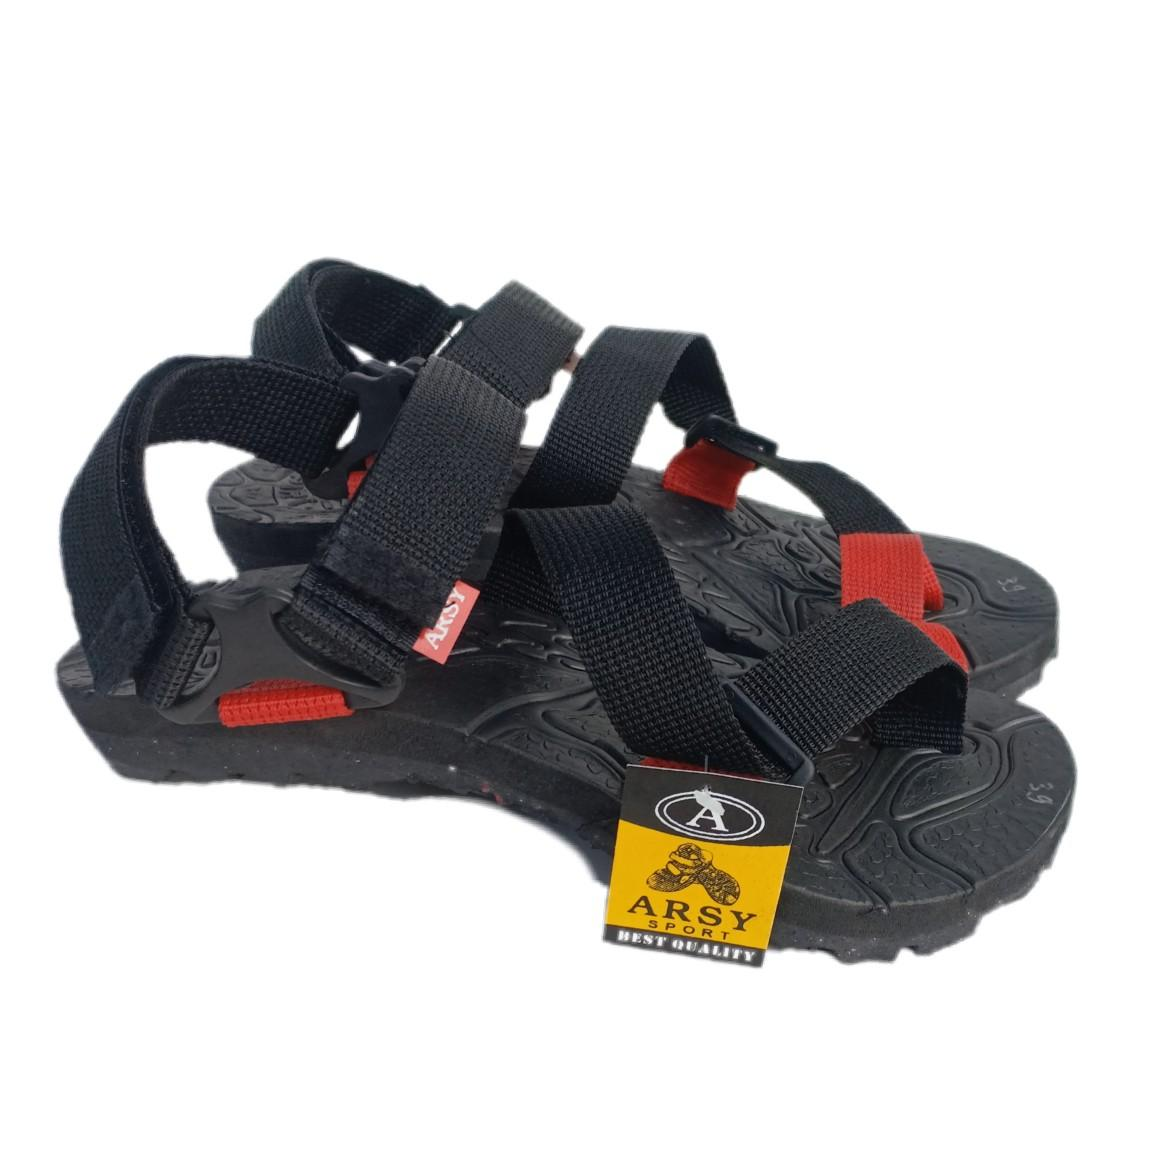 Rafila Sepatu Sendal Gunung Fjp Abu Spec Dan Daftar Harga Terbaru Anak Dm001 Arsy Sport Exlusiv Sandal Santai Outdoor Jepit